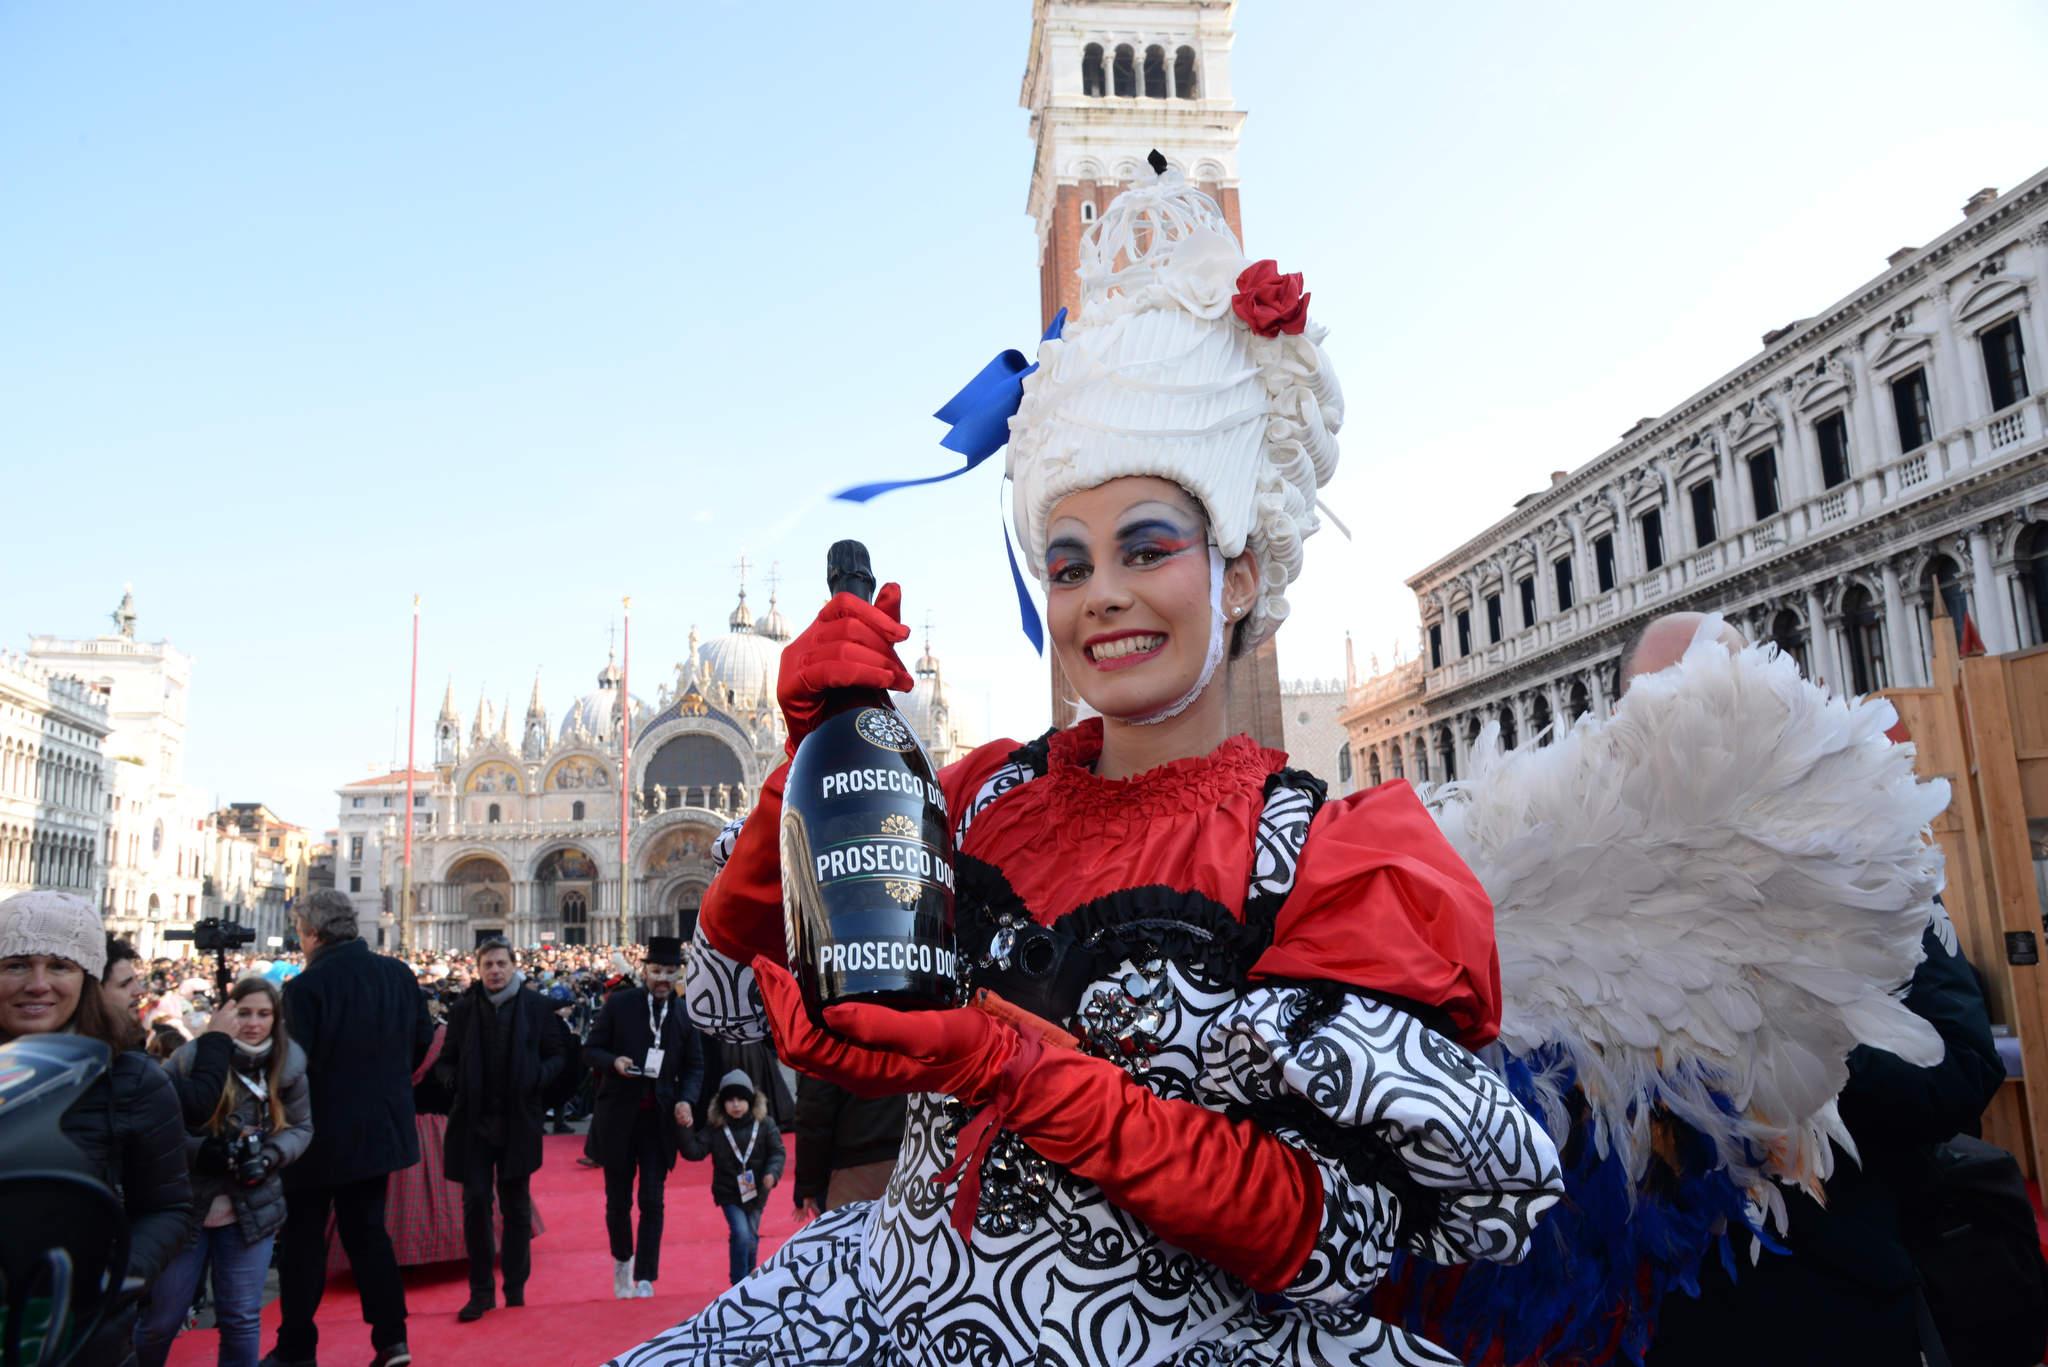 Prosecco DOC Carnevale